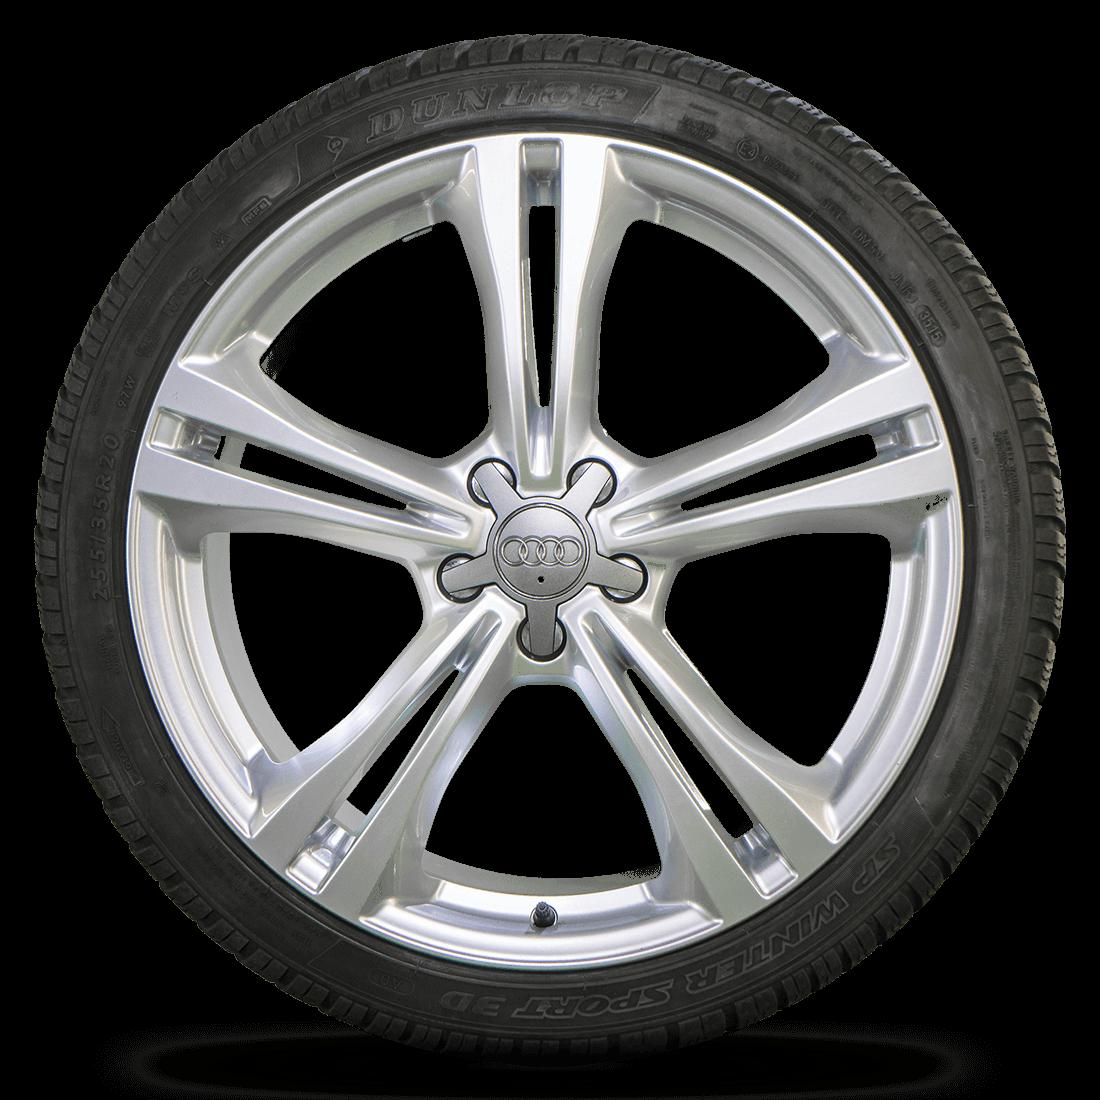 Audi 20 Inch Rims A6 S6 4G Aluminum Rims Dunlop Winter Tires